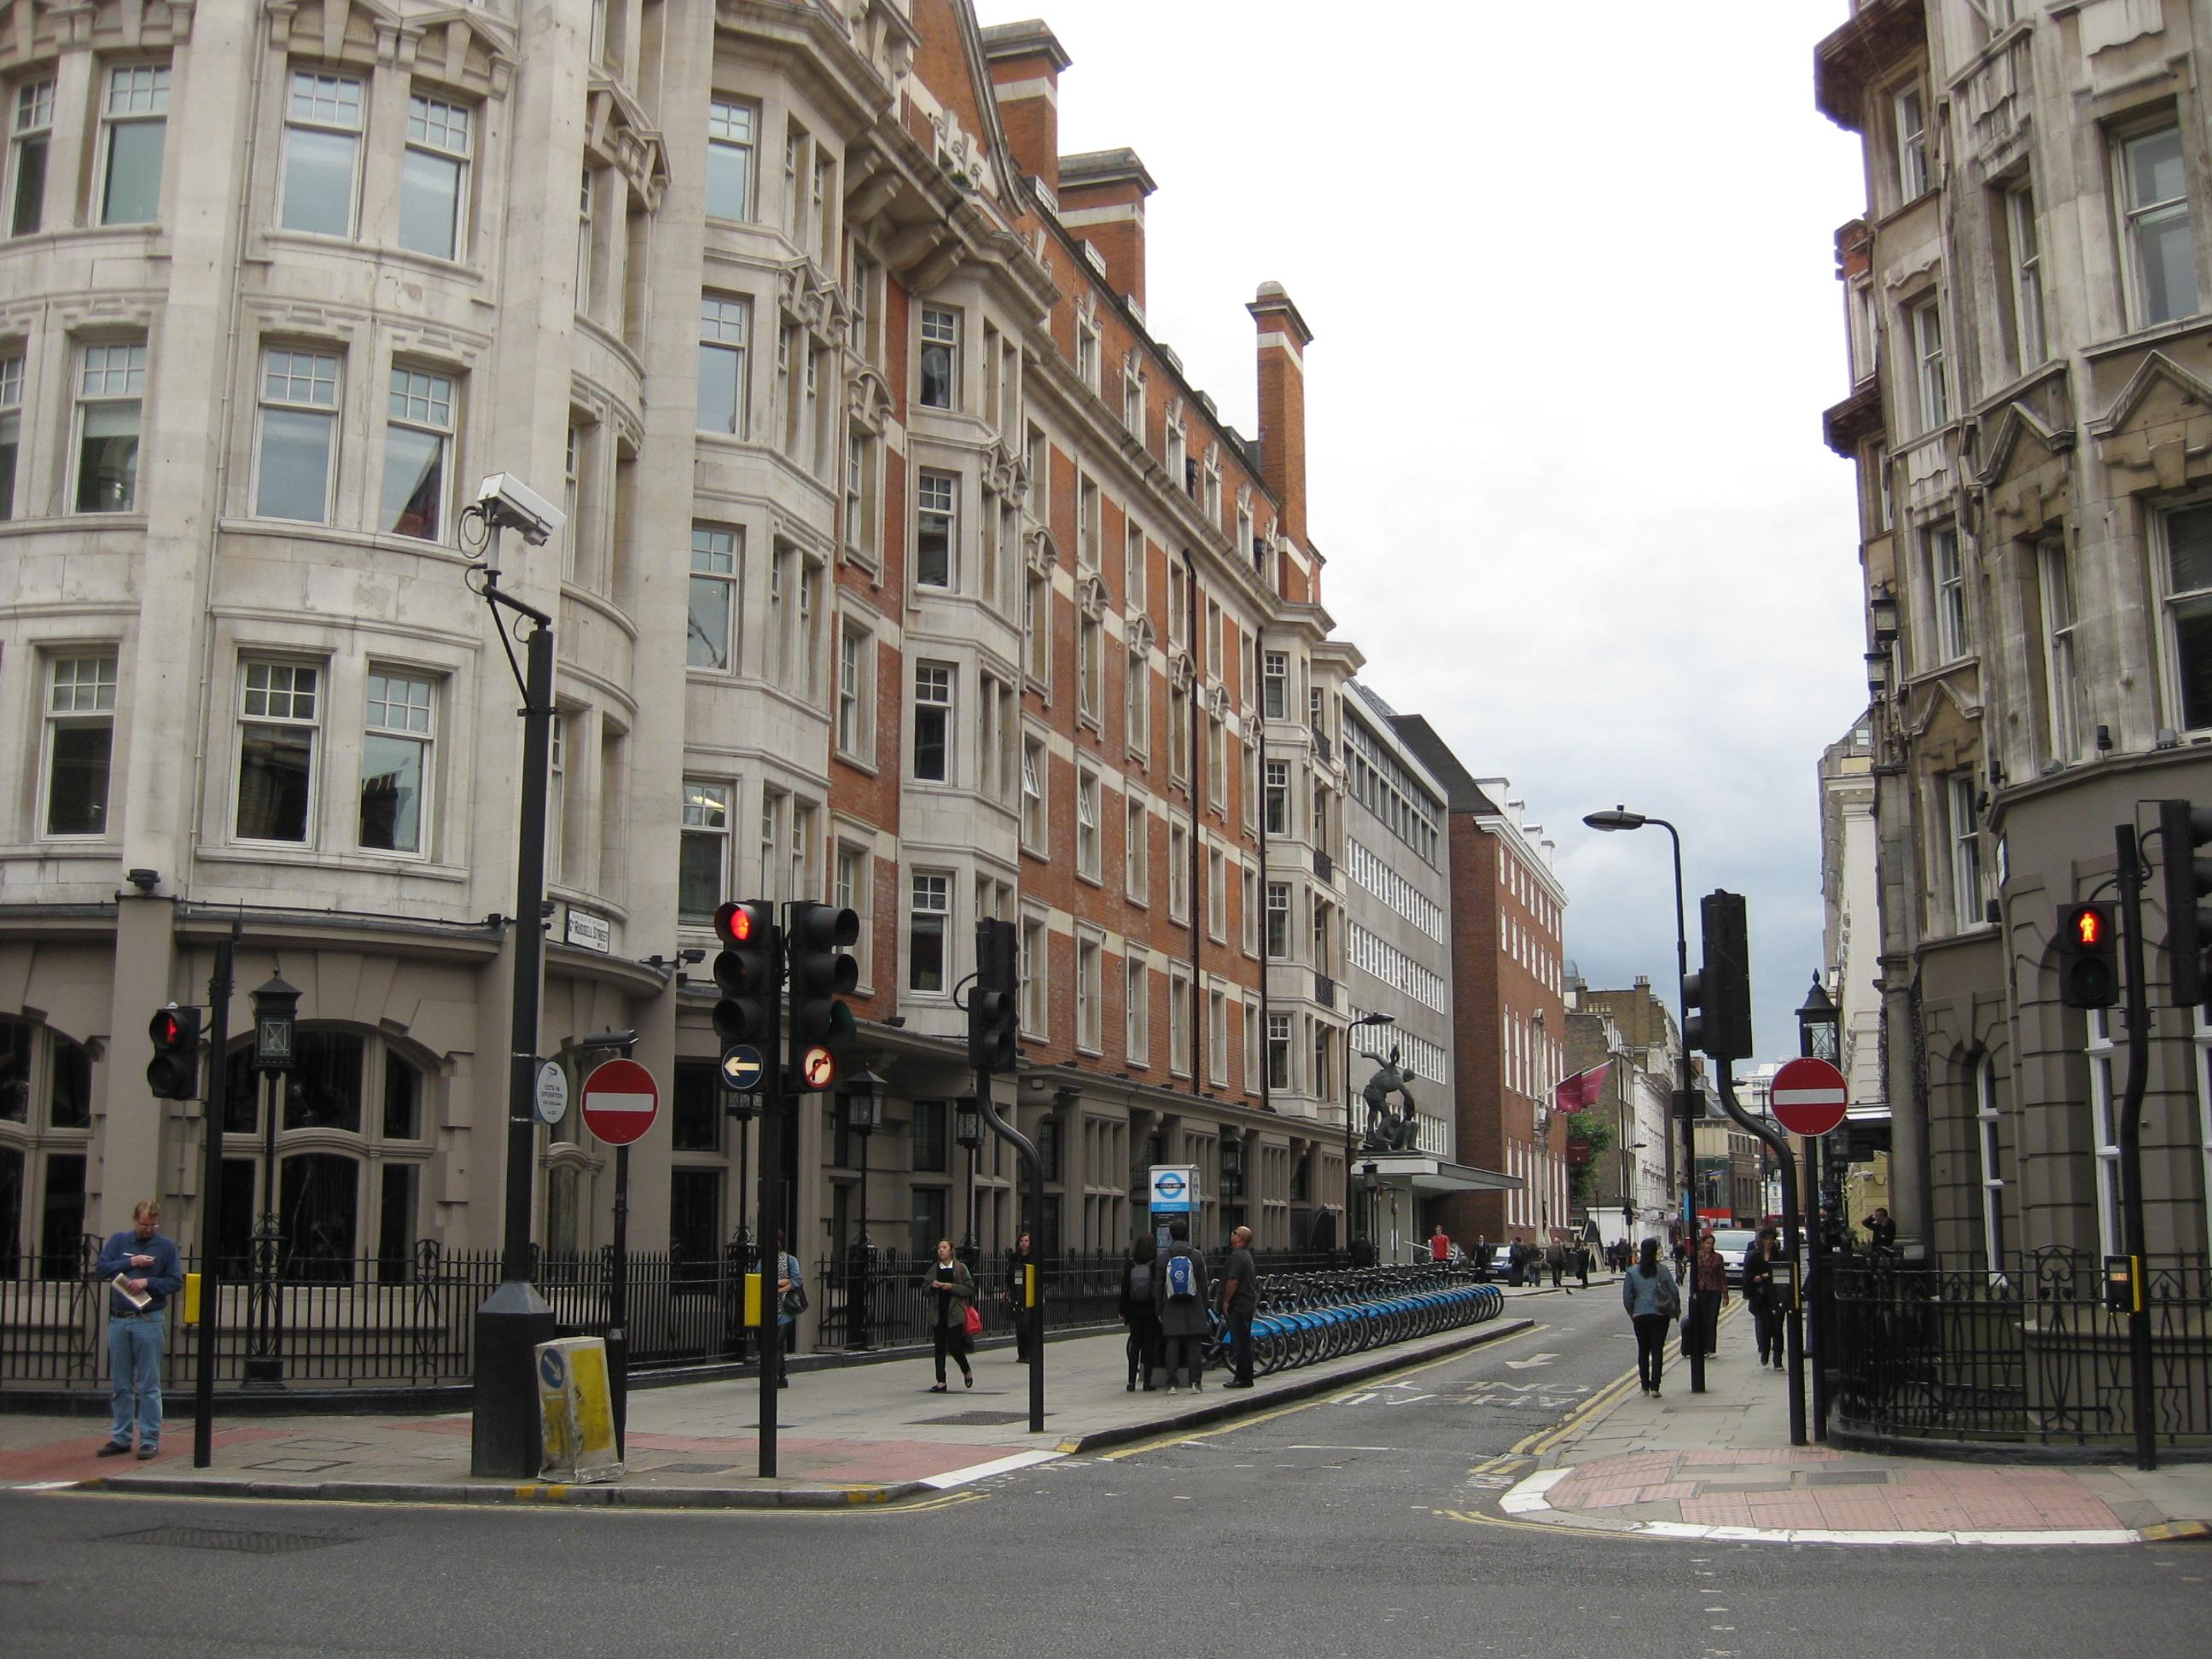 East London Street Food Market